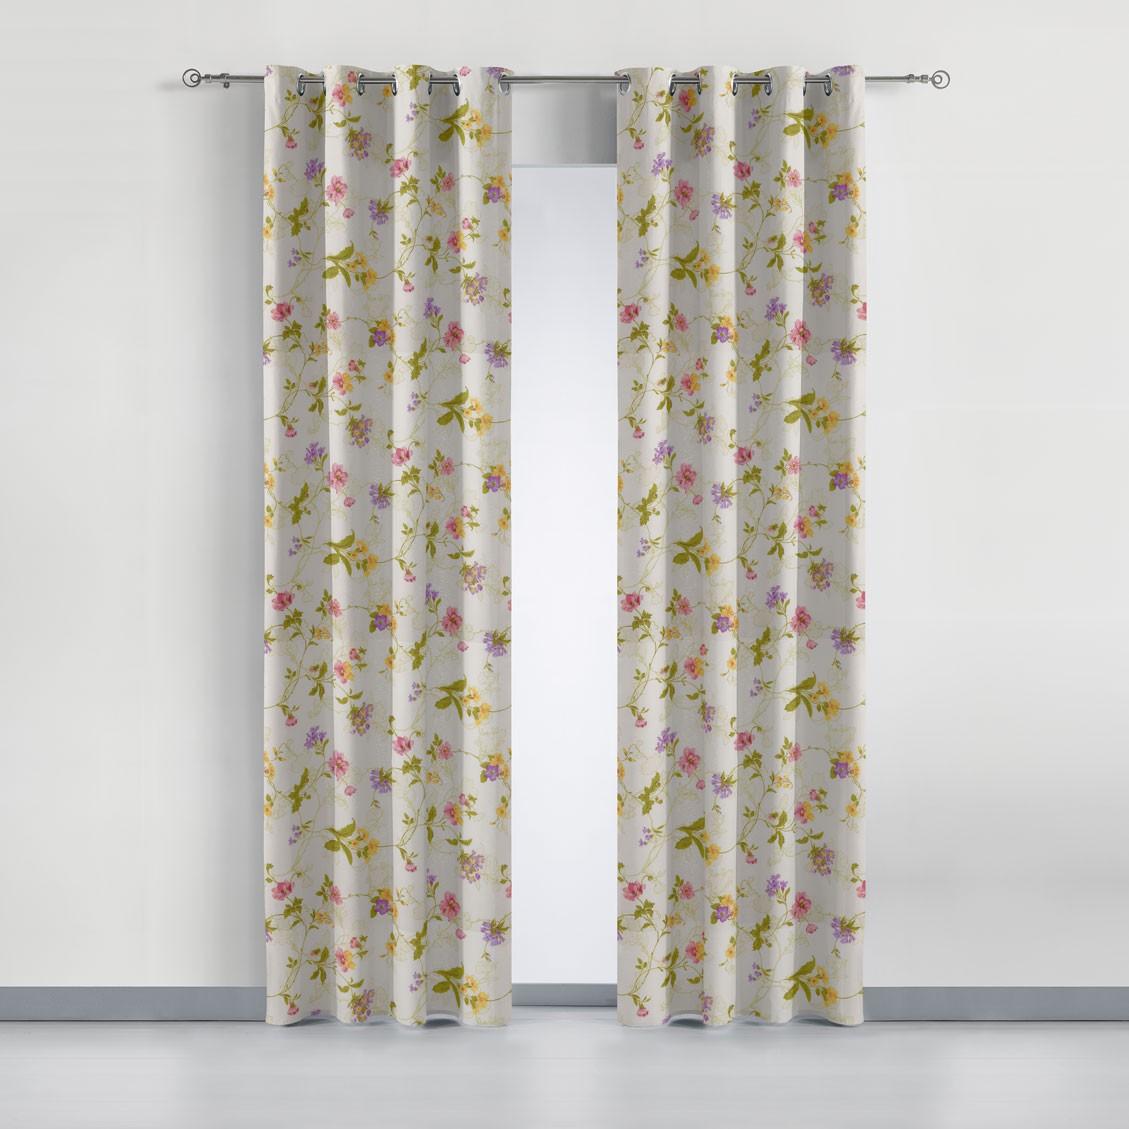 Cortina estampada sara cortinas sal n cortinas comedor barcel - Anillas de cortinas ...